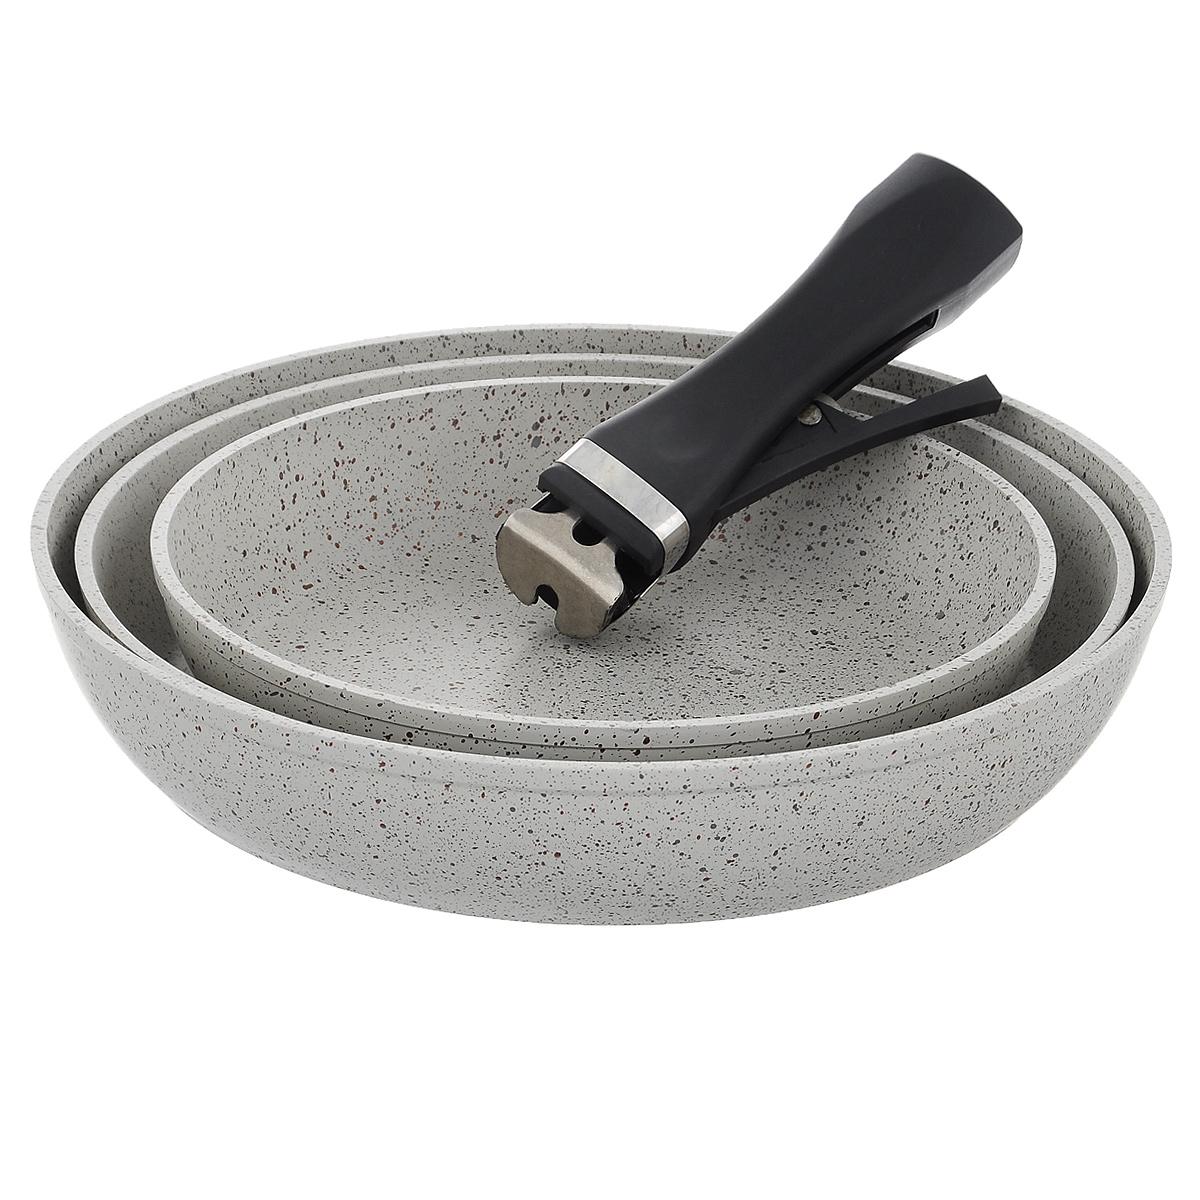 Набор посуды Travola, с мраморным покрытием, цвет: серый, 4 предметаLJ-FMKP22/26/28Набор посуды Travola состоит из трех сковородок и съемной ручки. Изделия выполнены из алюминия с мраморным покрытием. Ручка выполнена из высококачественного пластика со съемным механизмом. Такой набор не только станет незаменимым помощником в приготовлении ваших любимых блюд, но и стильно оформит интерьер кухни. При приготовлении не использовать металлические аксессуары. Не использовать для мытья металлические щетки и абразивные материалы. Не рекомендуется хранить готовые блюда в сковородах, в особенности овощные блюда. Можно использовать на всех видах плит, кроме индукционных.